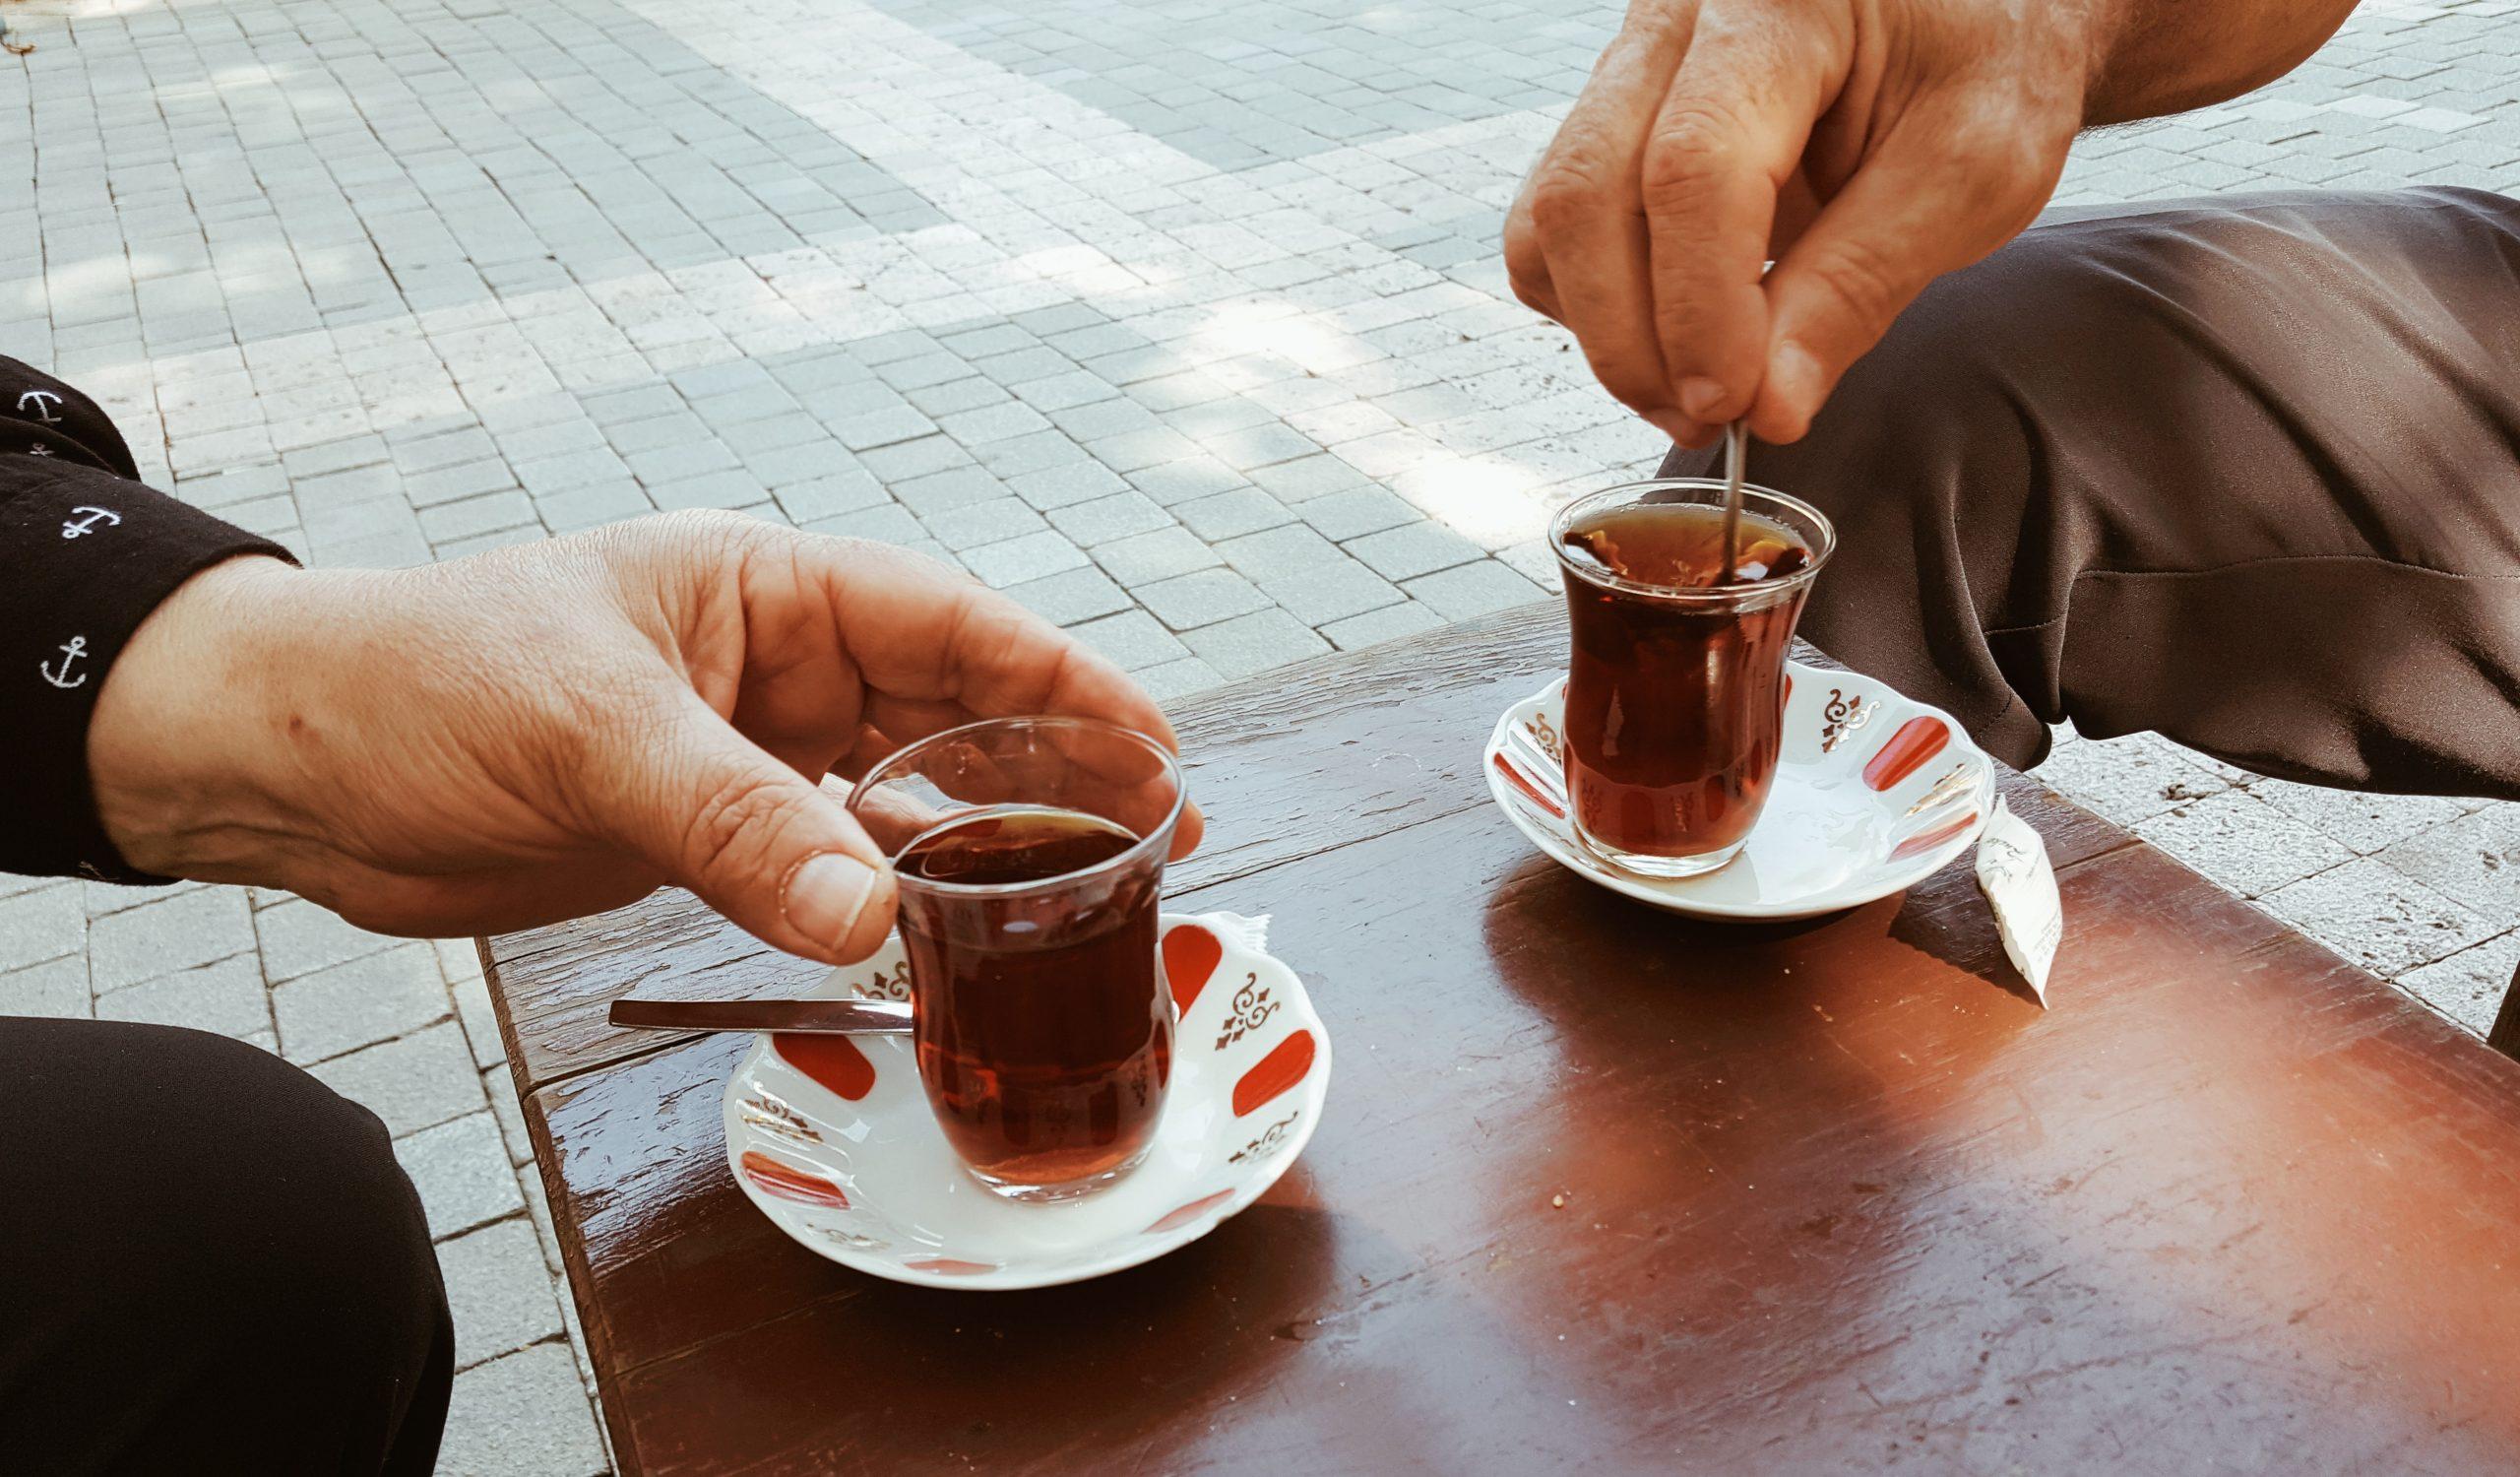 Jak Turcy i Lachy robią biznes? Współpraca z Turkami